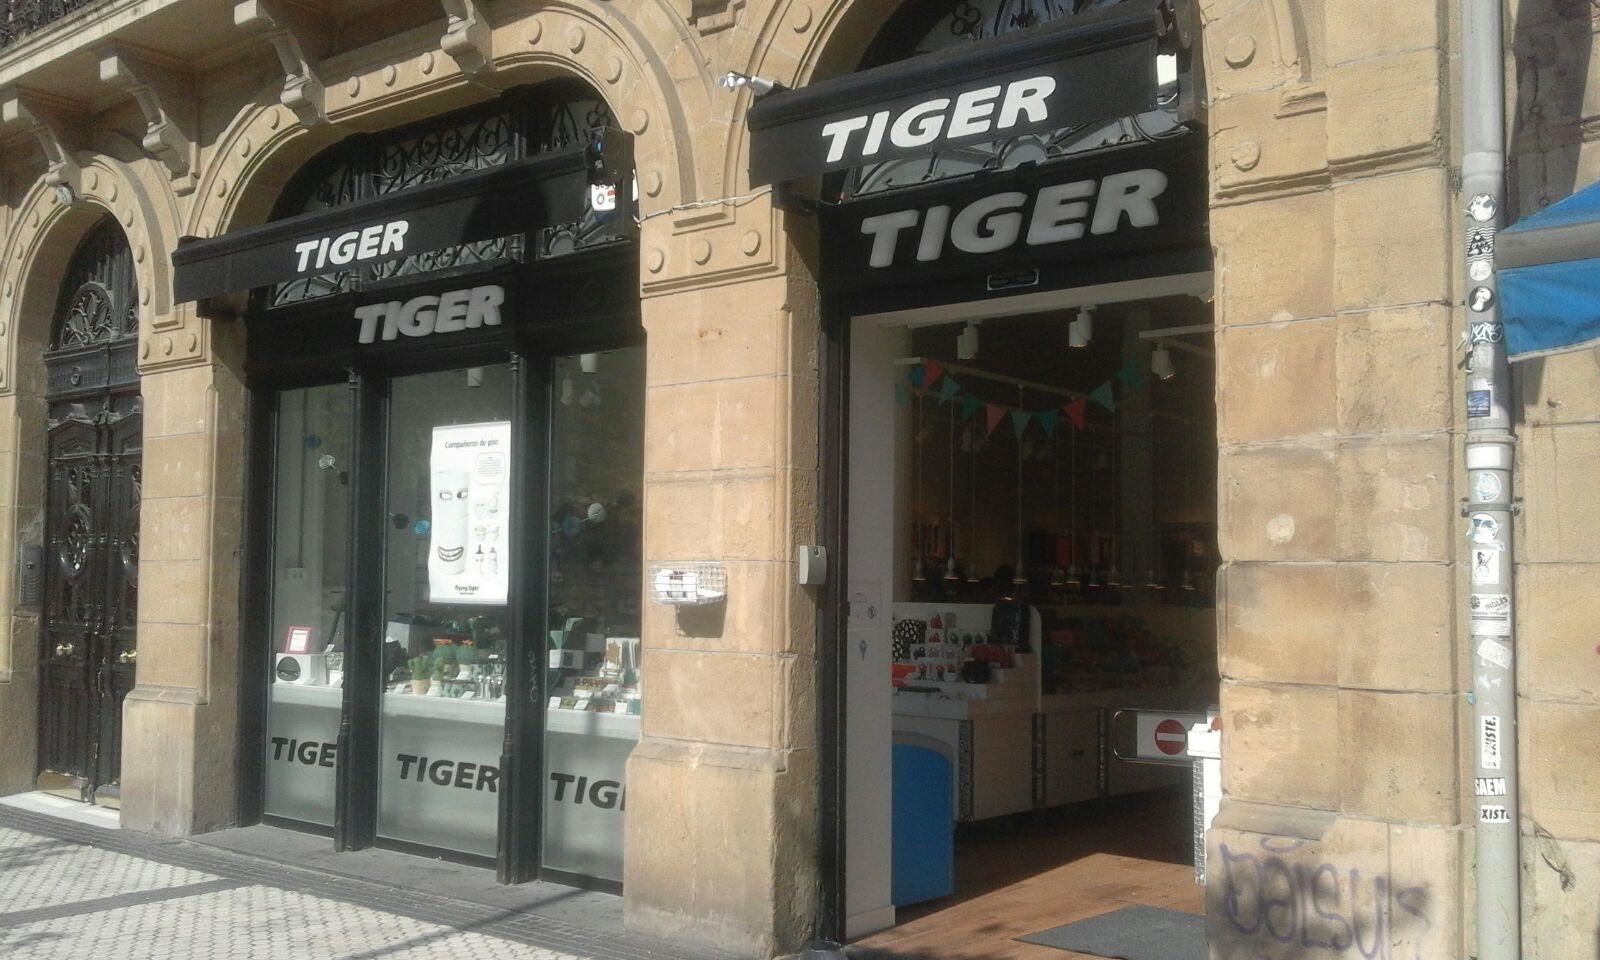 Establecimiento de Tiger.